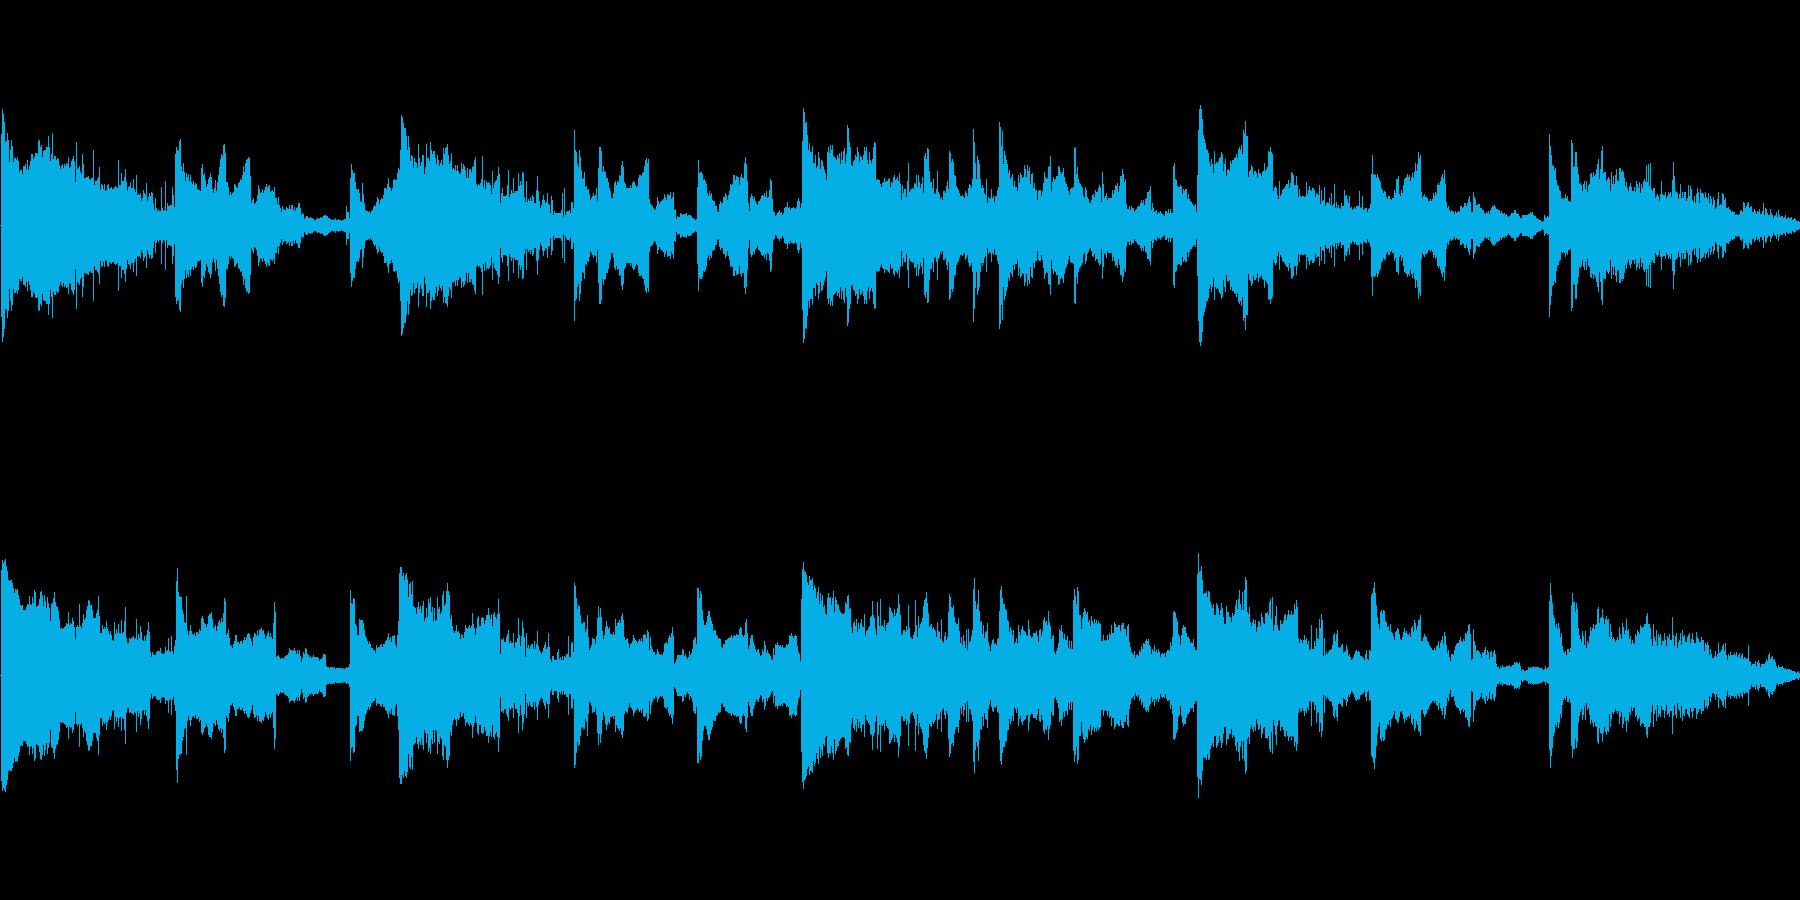 オリエンタルな楽器の幻想的な曲の再生済みの波形